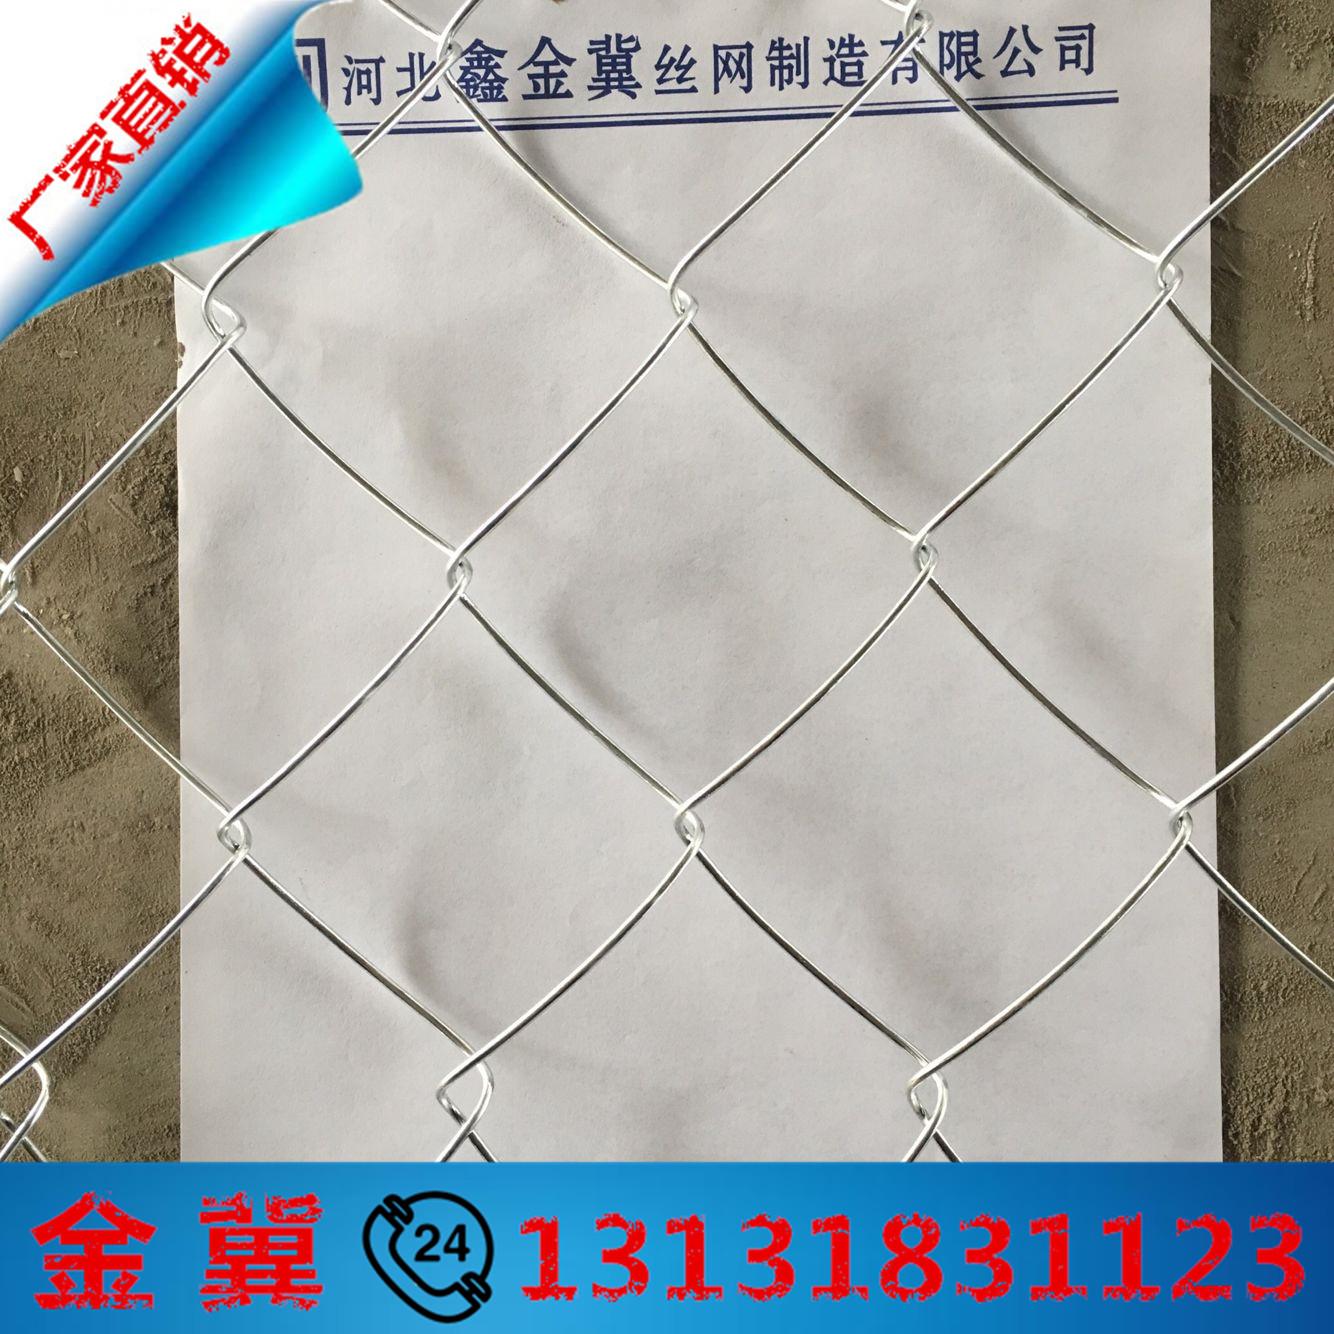 山体绿化专用铁丝网A和平山体绿化专用铁丝网现货供应